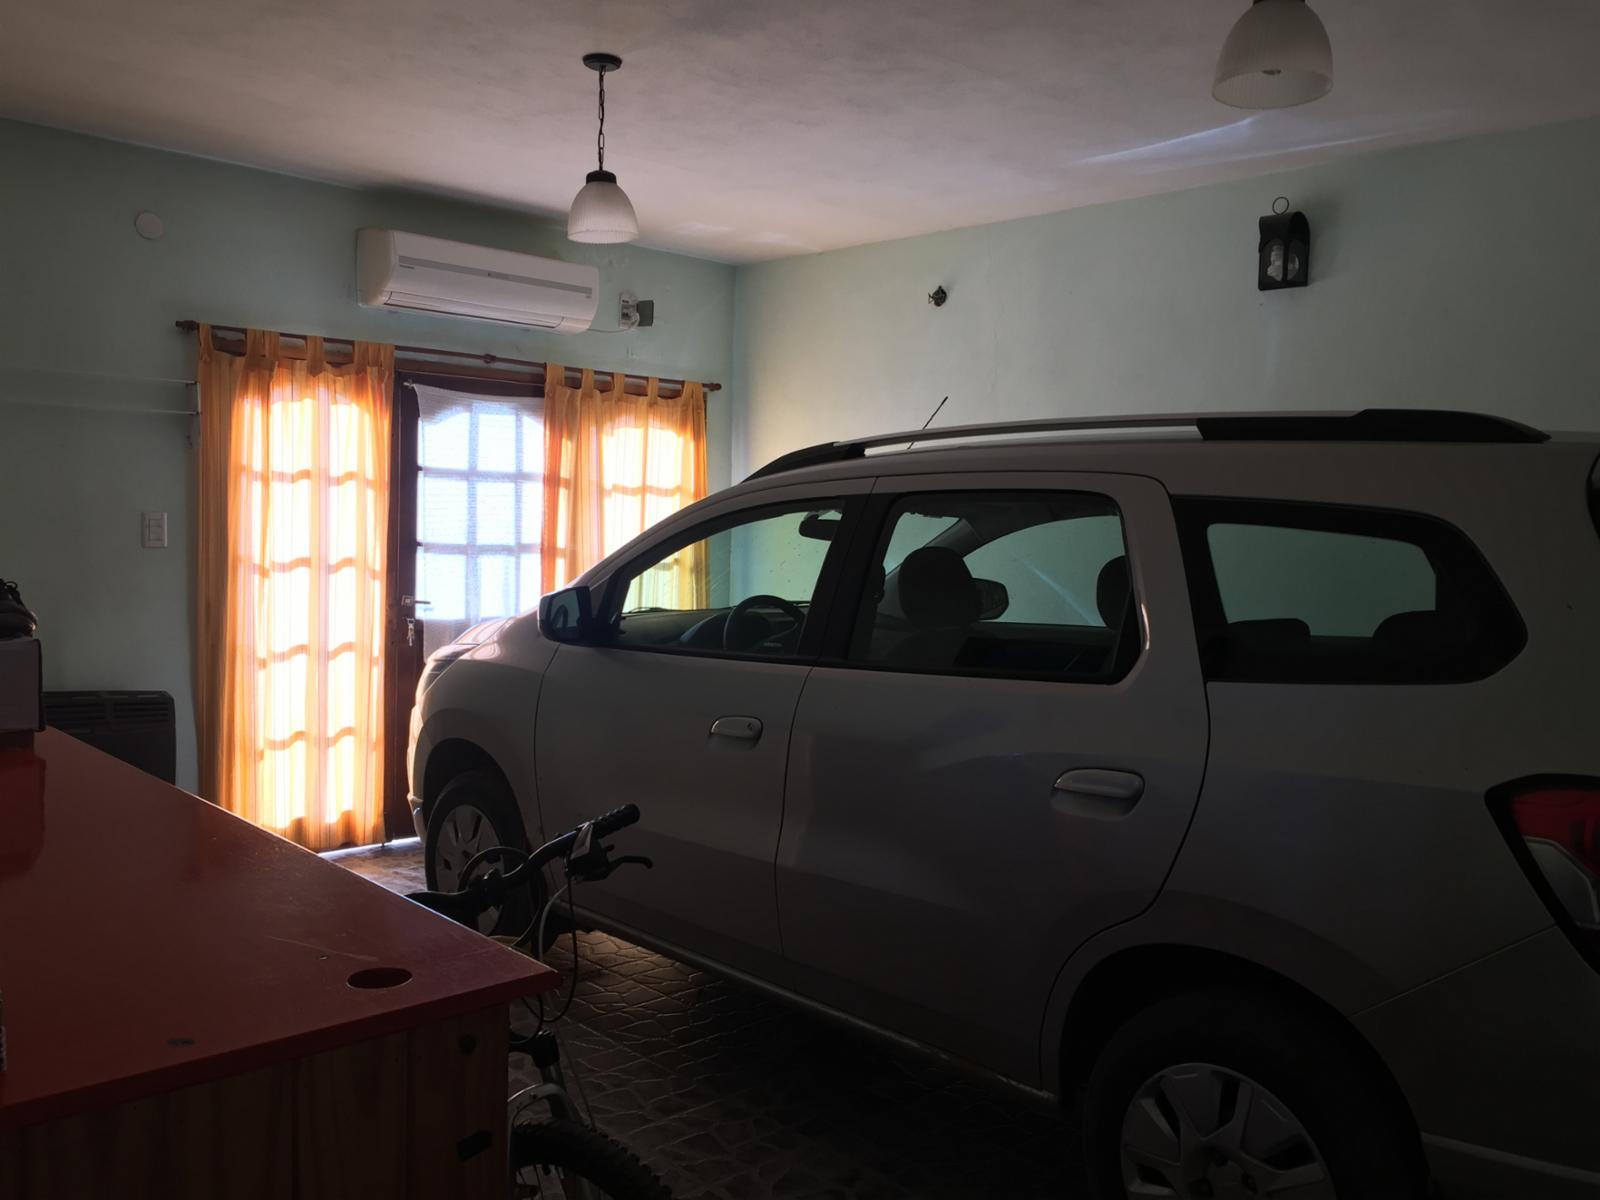 CASA de tres dormitorios, garage y patio, sobre calle Chile y Alberdi, ADBARNI Servicios Inmobiliarios